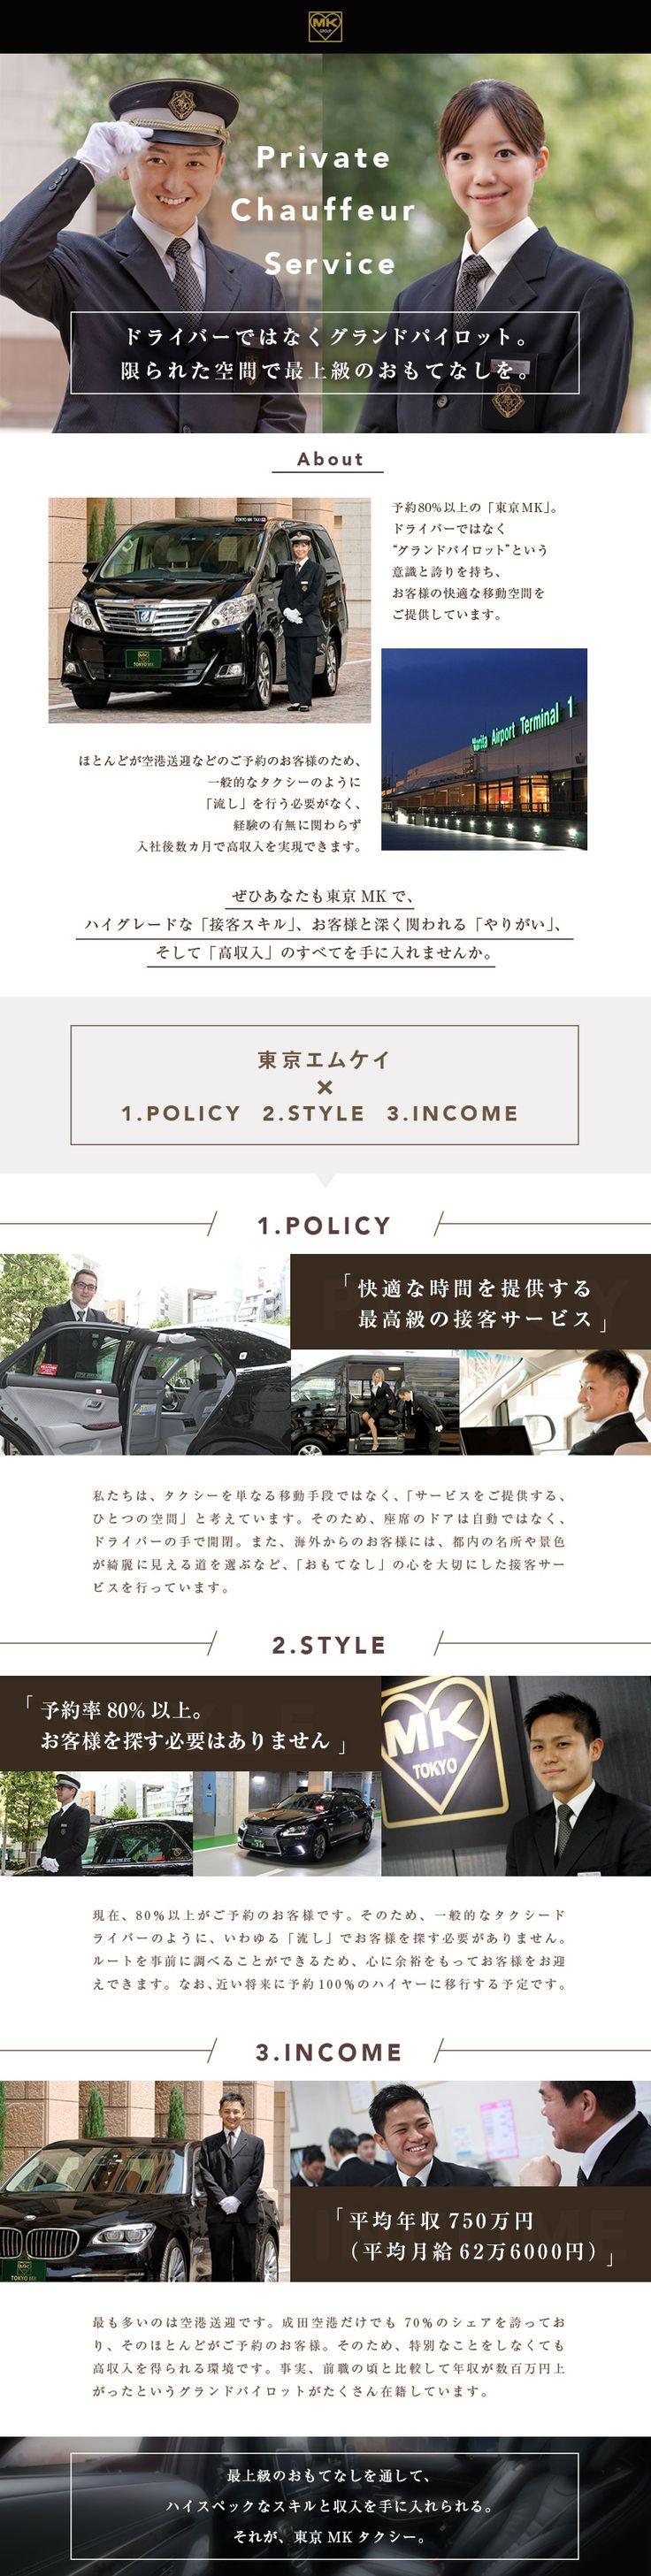 東京エムケイ株式会社/平均年収750万円/グランドパイロット(予約8割以上のタクシー運転手)/事業拡大につき35名採用予定の求人PR - 転職ならDODA(デューダ)